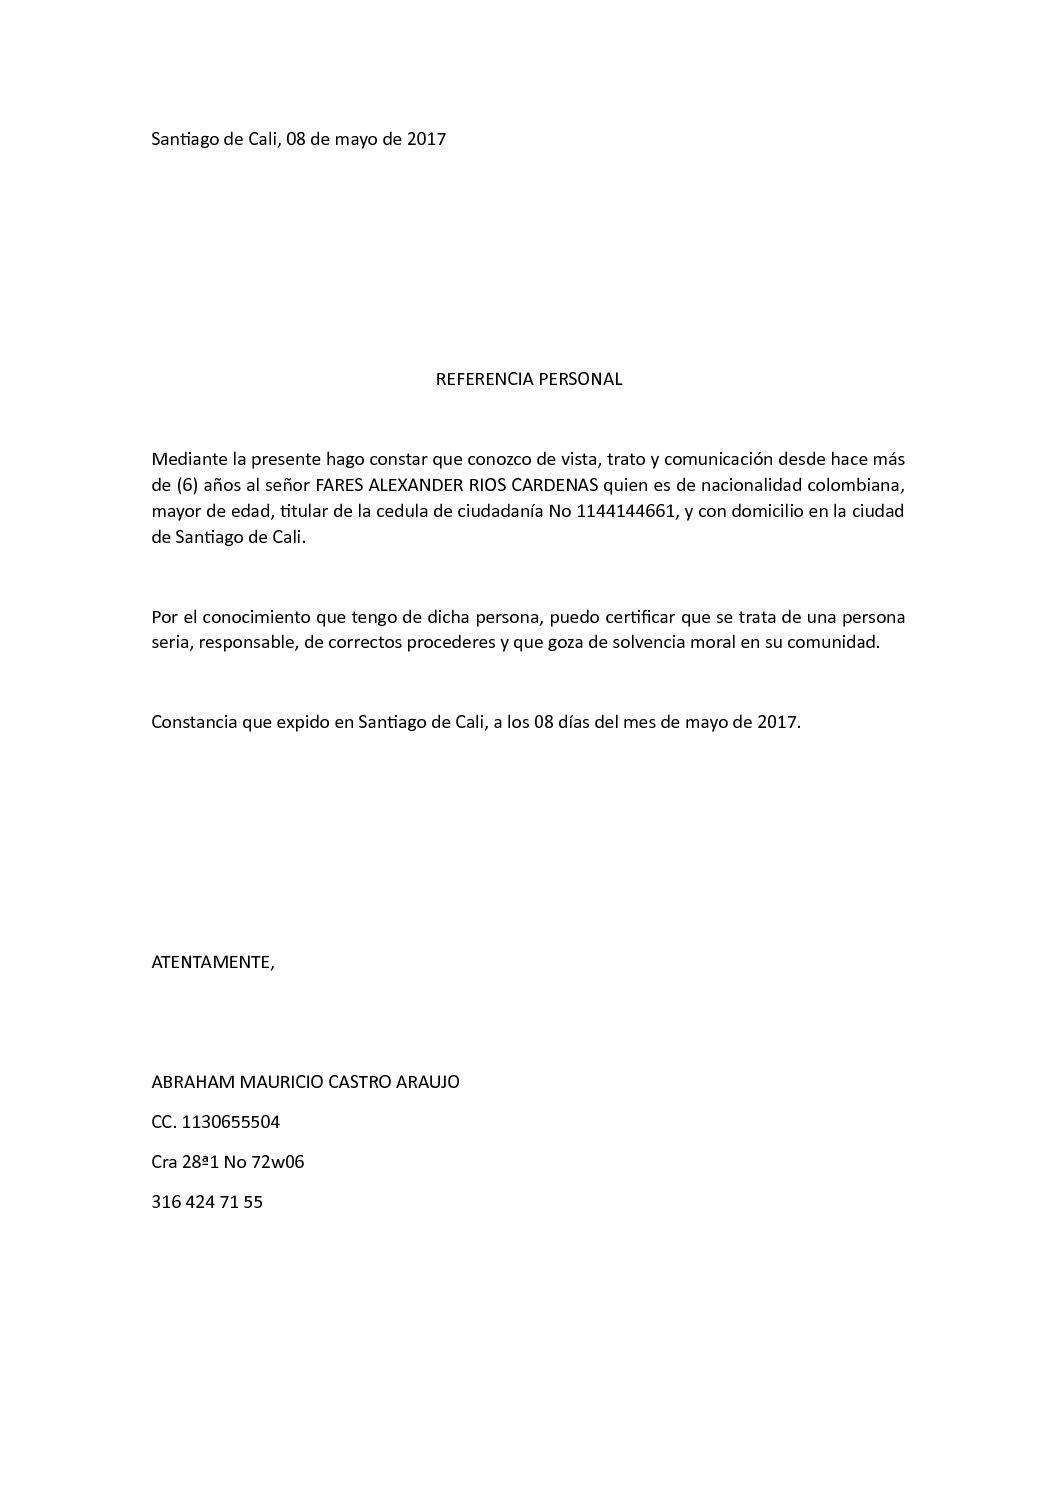 Calaméo Carta Referencia Mauricio